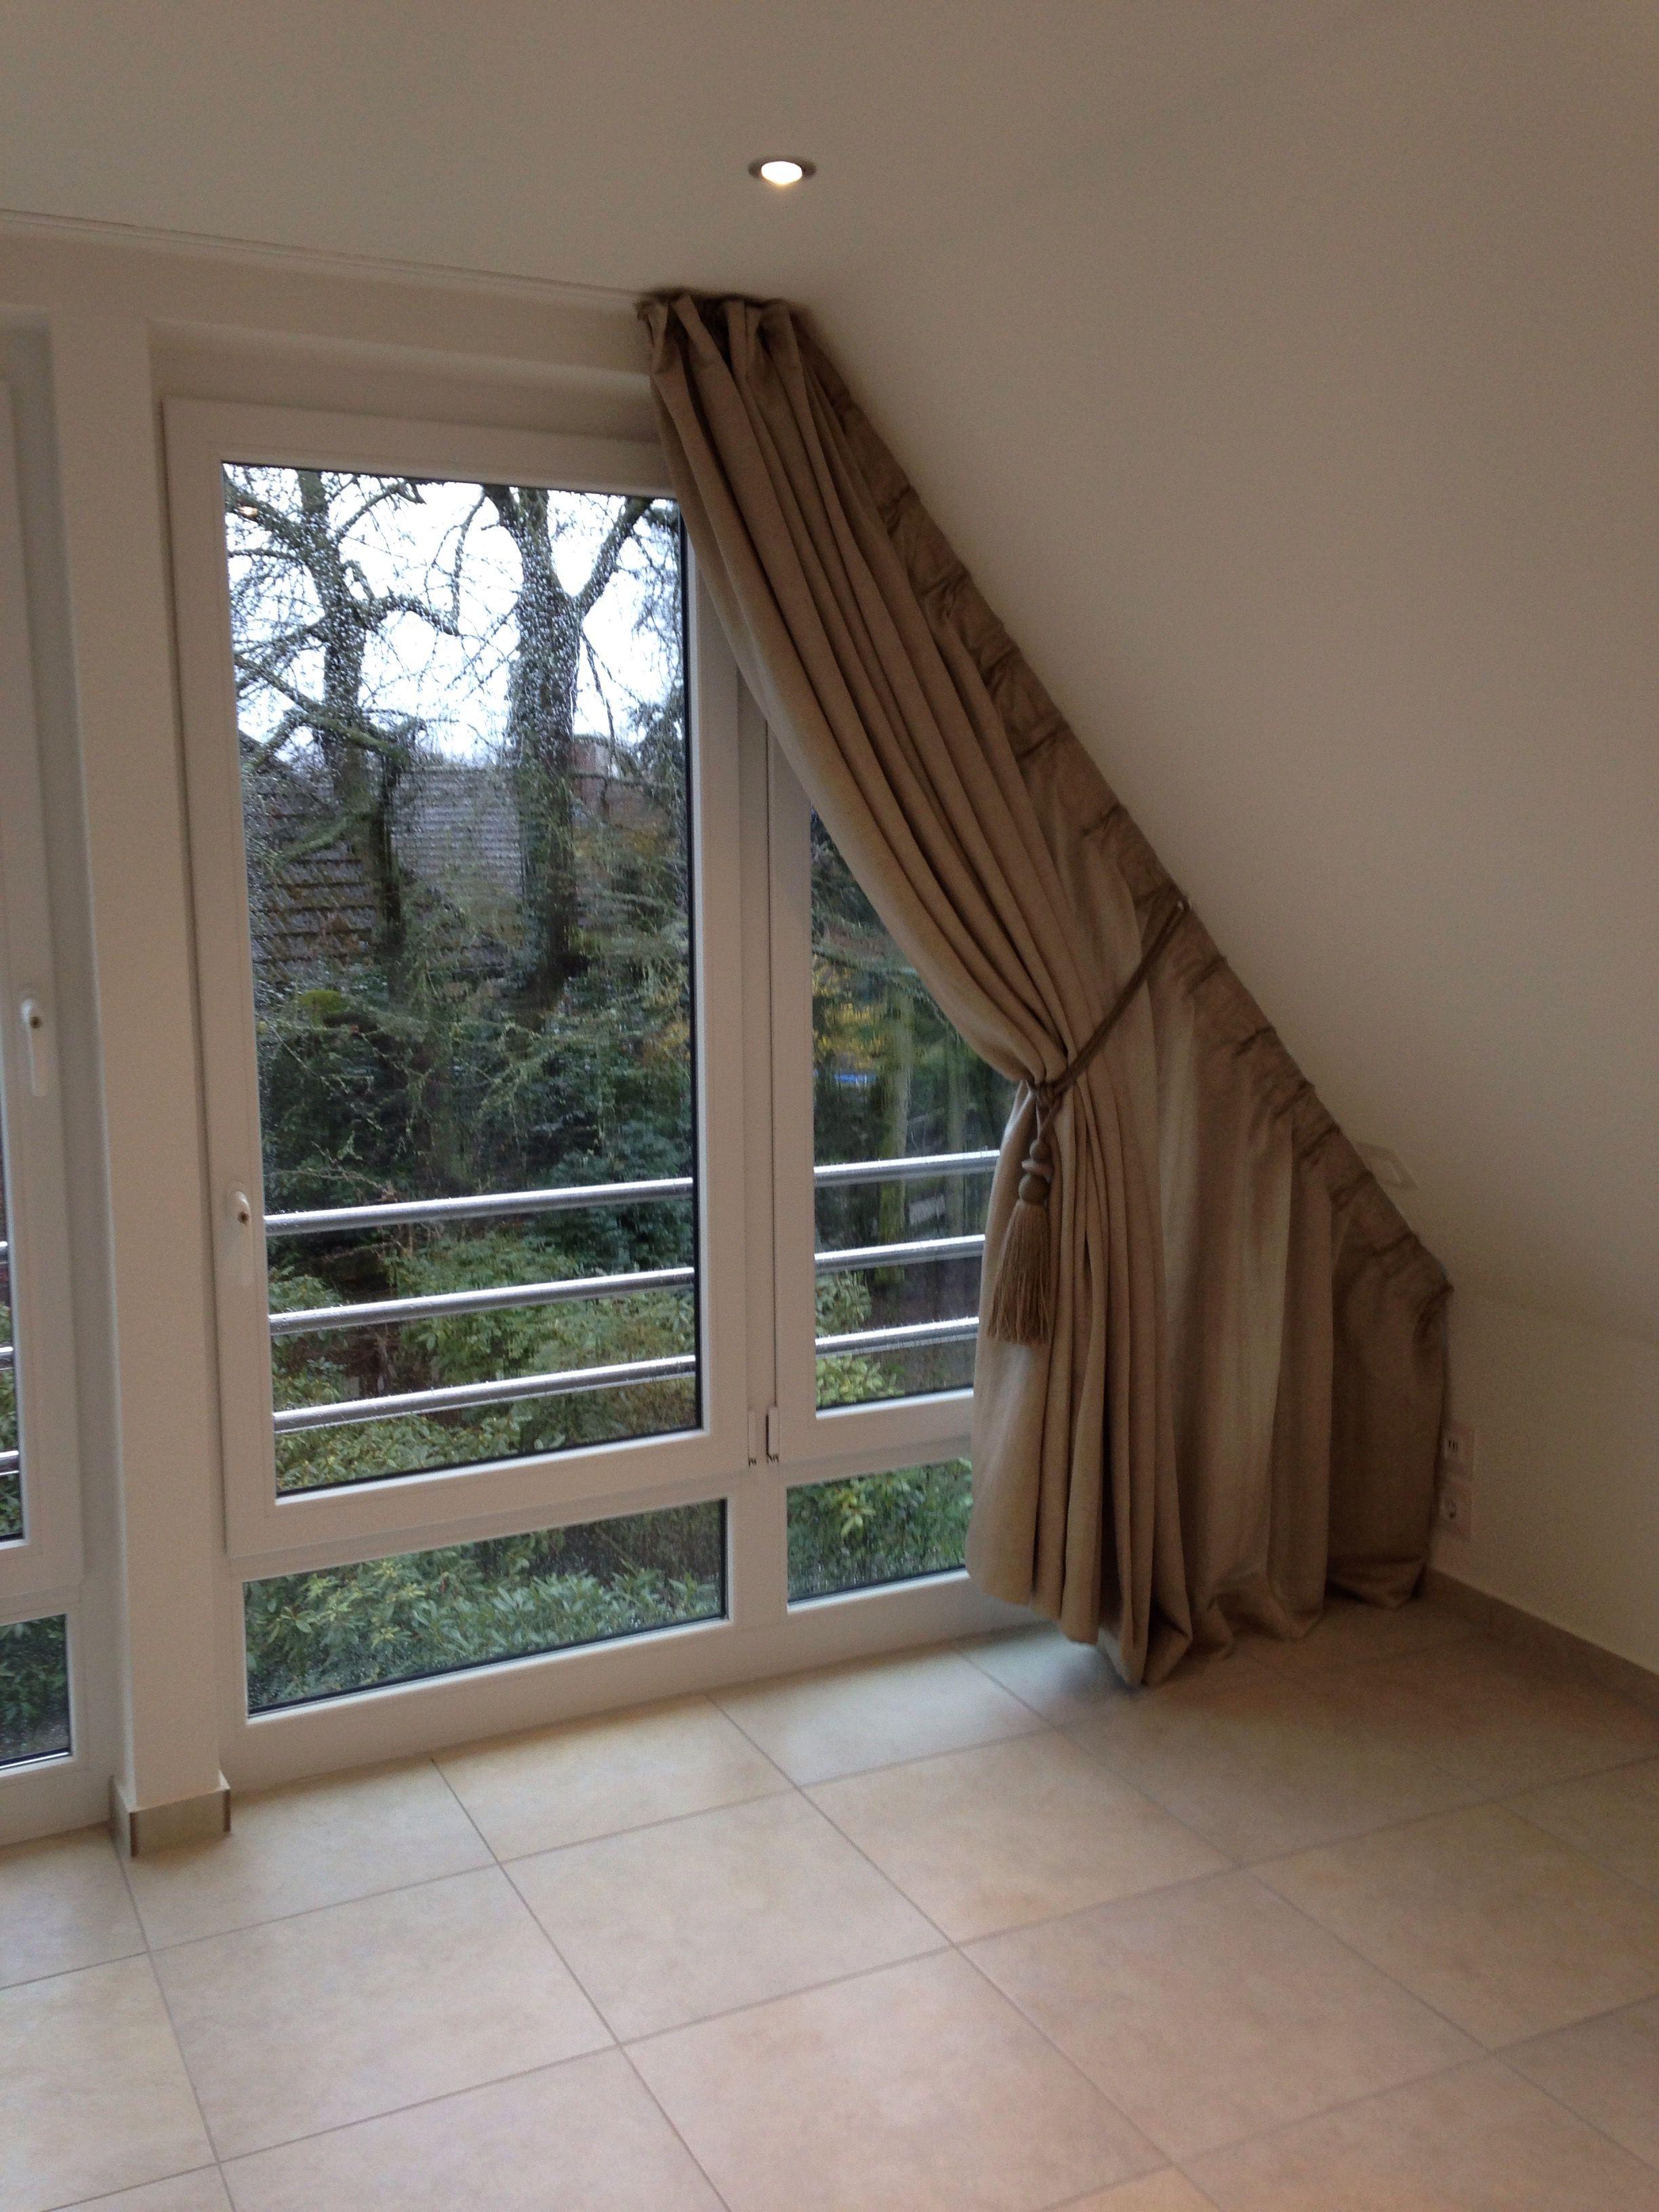 wir bekommen auch an ihre dachschr ge einen vorhang dran wohnungsideen pinterest. Black Bedroom Furniture Sets. Home Design Ideas